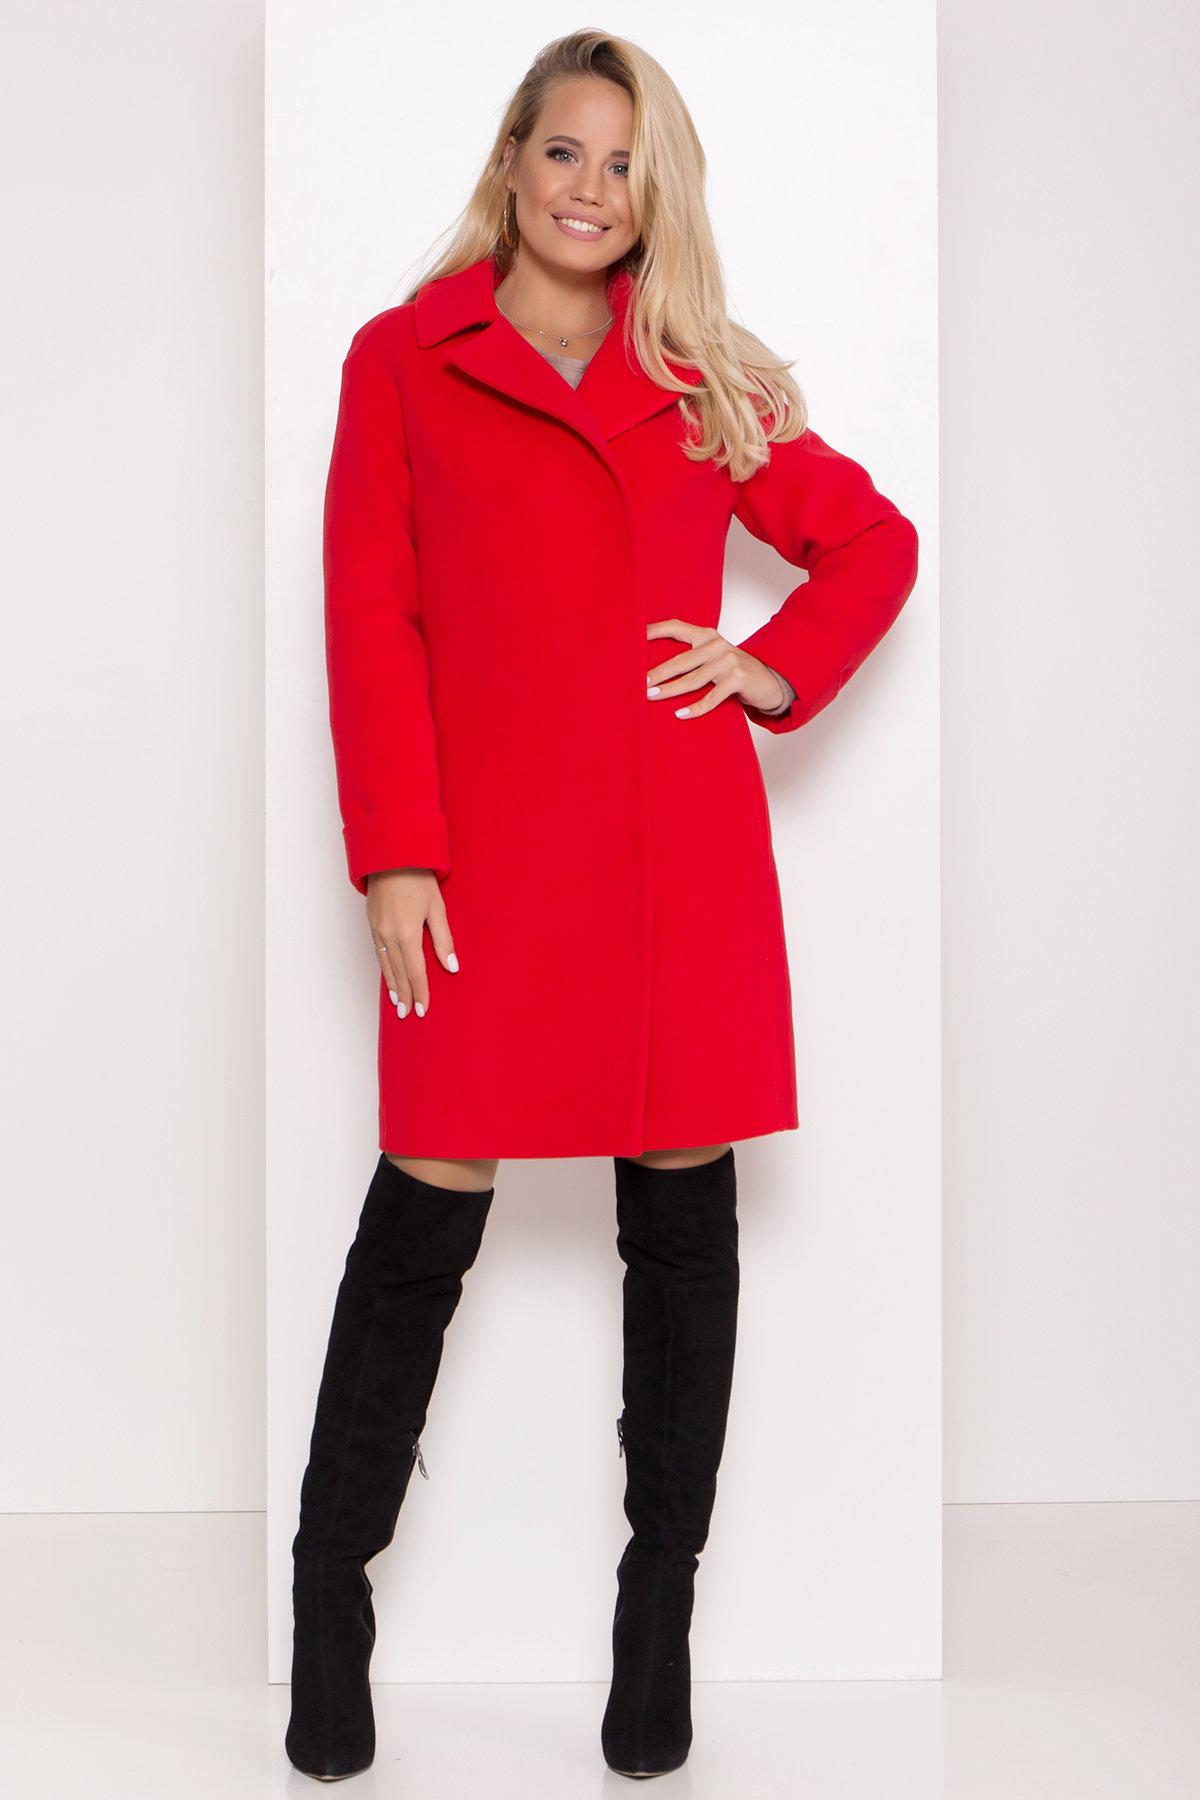 Зимнее пальто в классическом стиле Лизи 8179 АРТ. 44195 Цвет: Красный - фото 3, интернет магазин tm-modus.ru